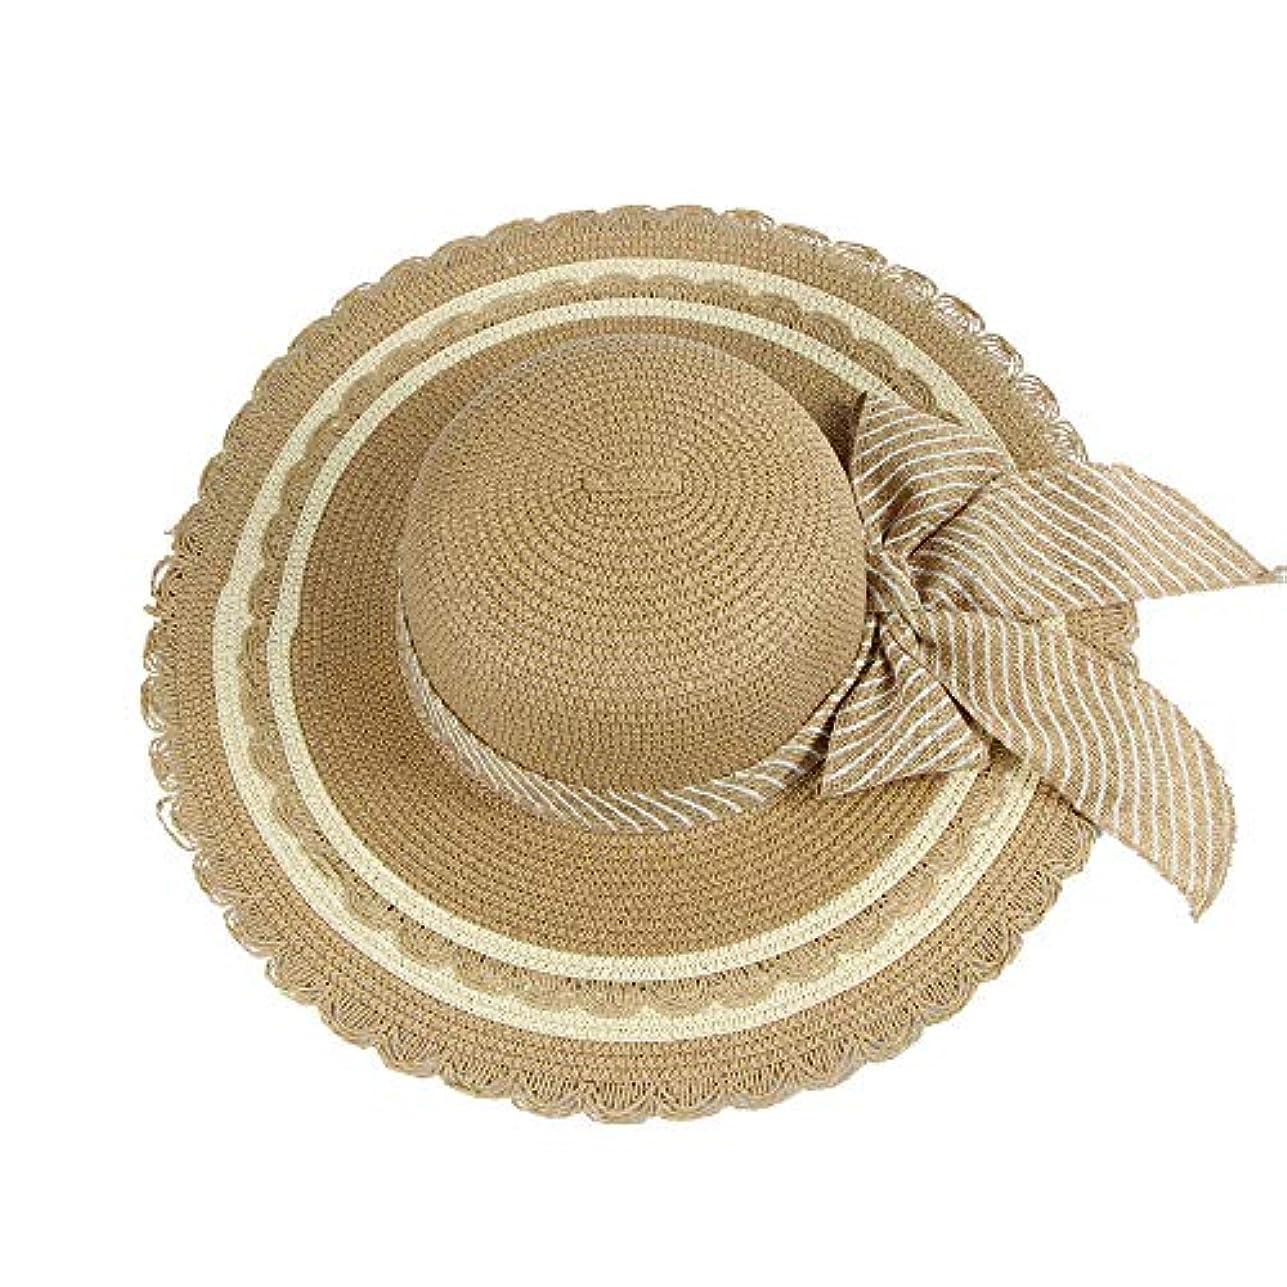 歌手またのり帽子 レディース UVカット 帽子 麦わら帽子 UV帽子 紫外線対策 折りたたみ つば広 ワイヤ入り uvカット帽子 春夏 レディース 通気性 ニット帽 マニュアル キャップ レディース 大きいサイズ ROSE ROMAN